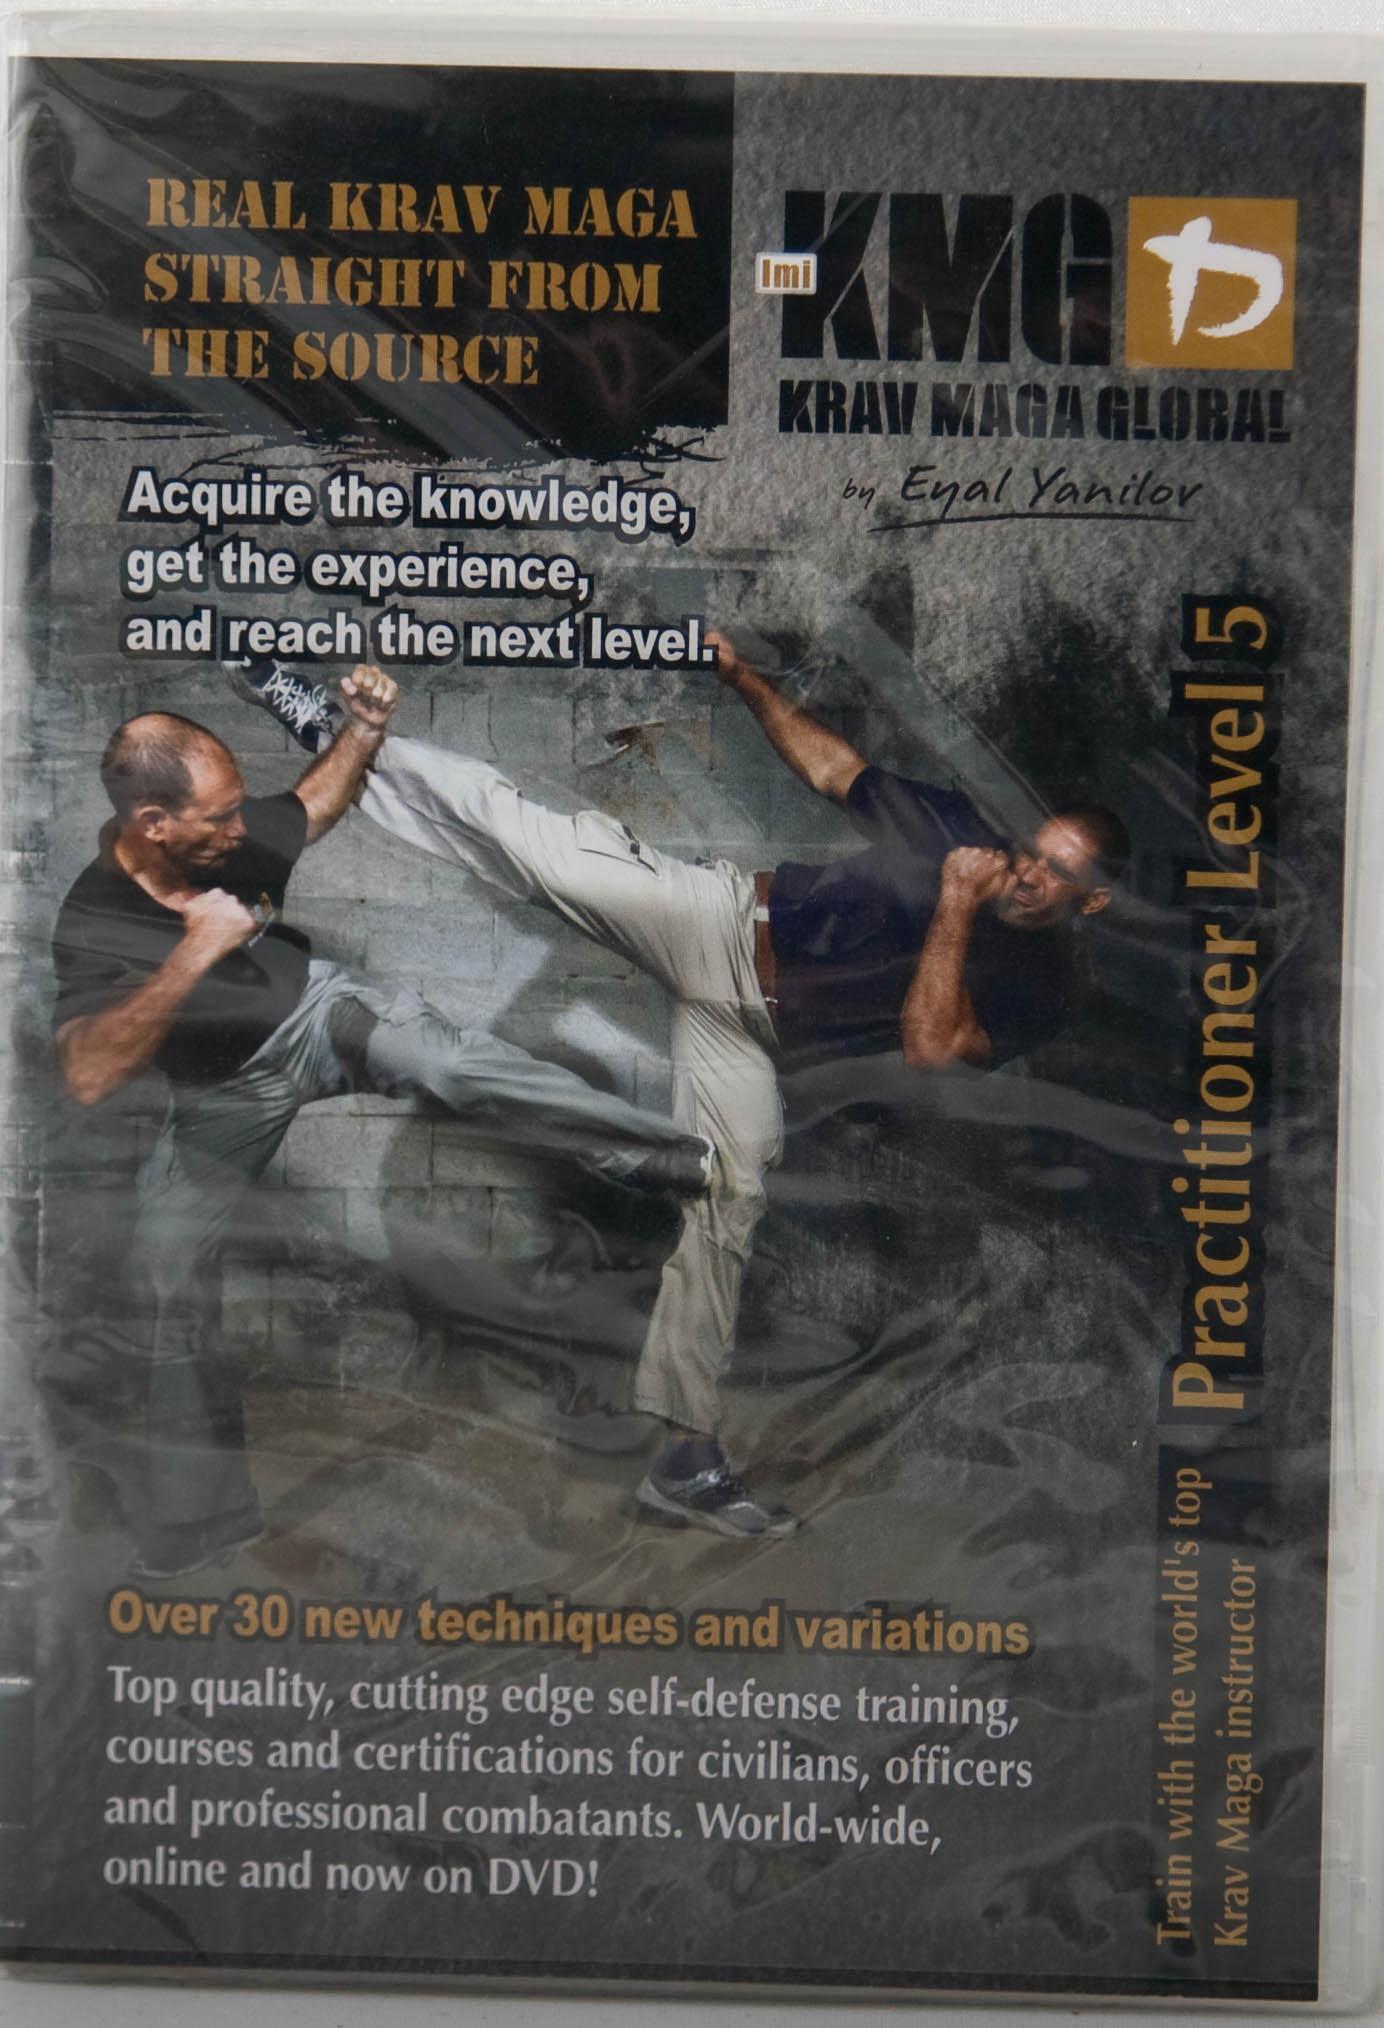 krav maga dvd practitioner 5 learn2fight shop. Black Bedroom Furniture Sets. Home Design Ideas